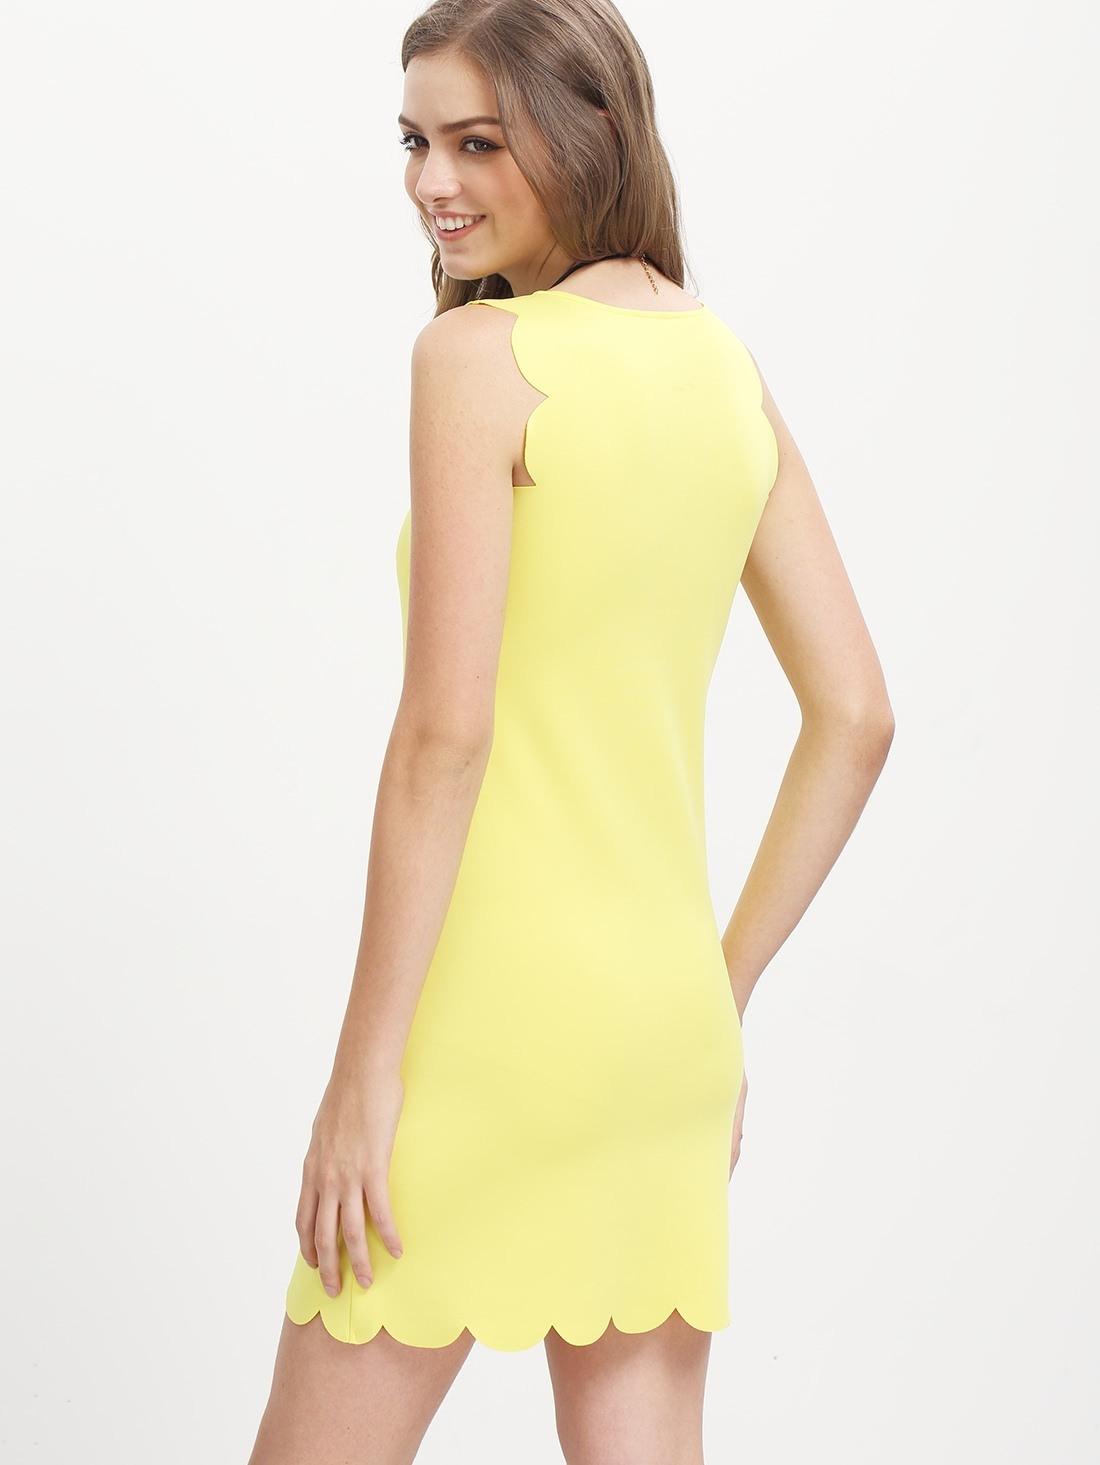 Abend Wunderbar Kleid Gelb Kurz Galerie10 Elegant Kleid Gelb Kurz für 2019